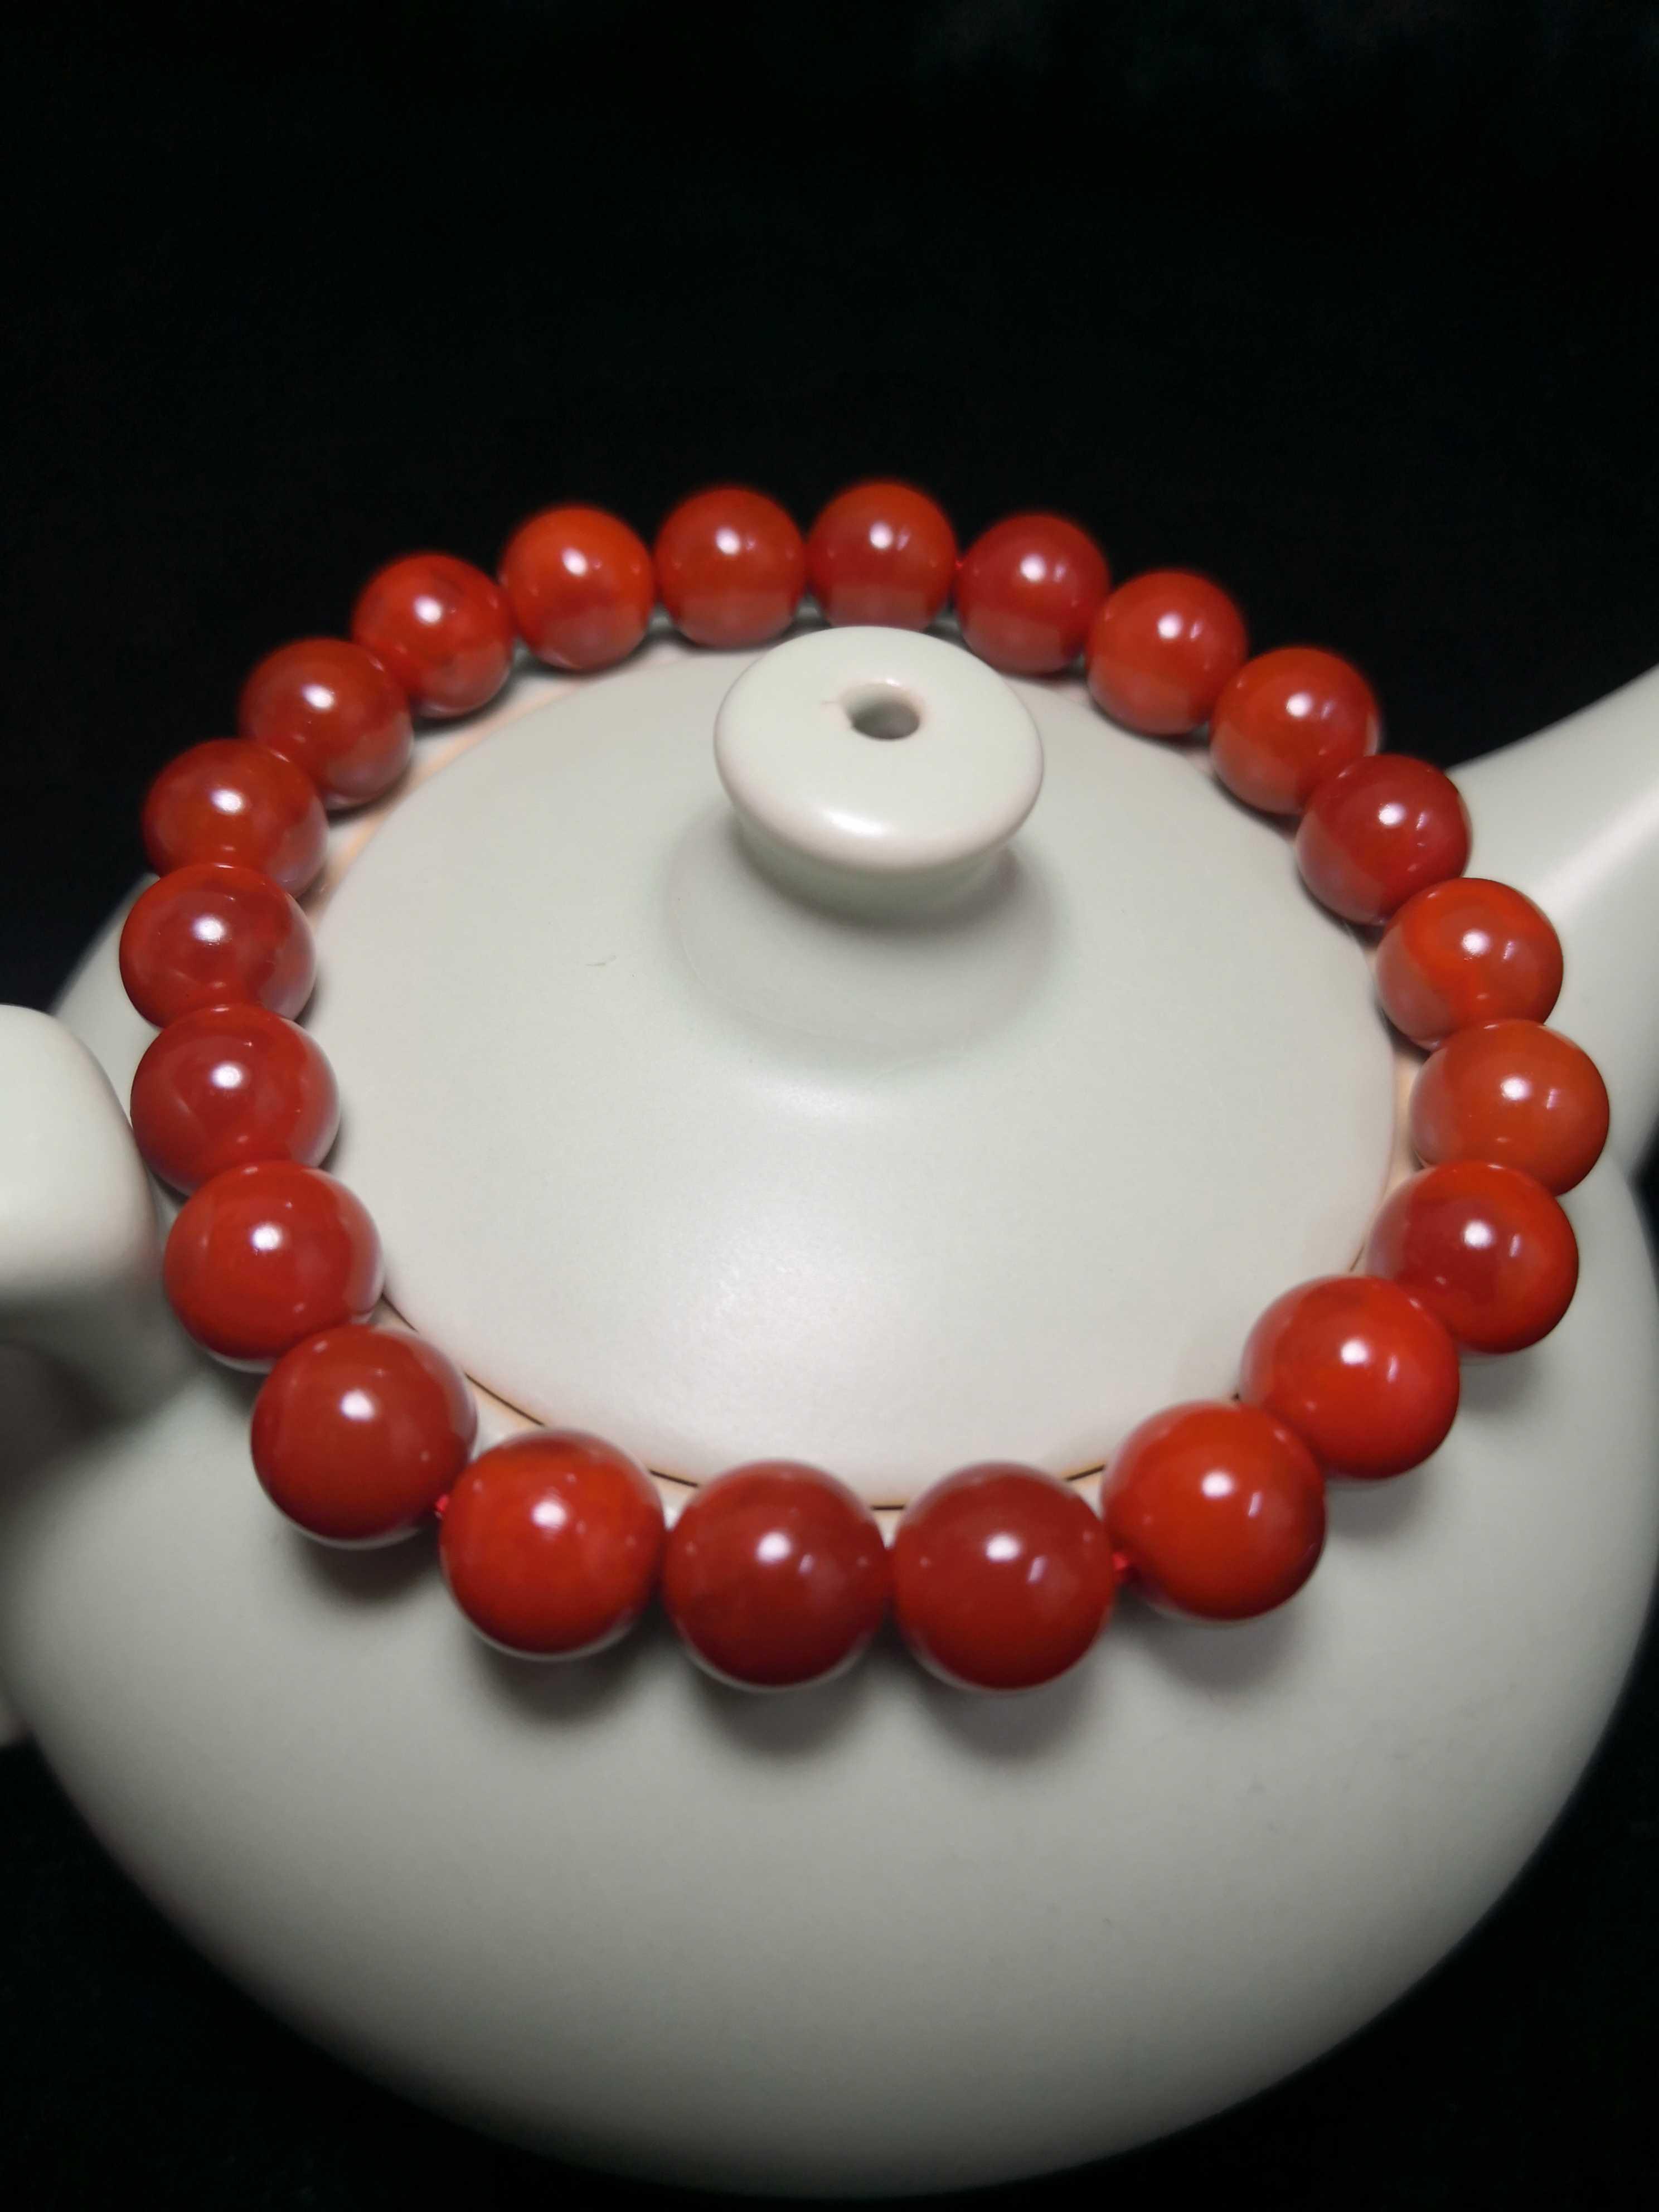 阜新天然玛瑙南红玛瑙单圈手链手串精美饰品年货中国红收藏馈赠